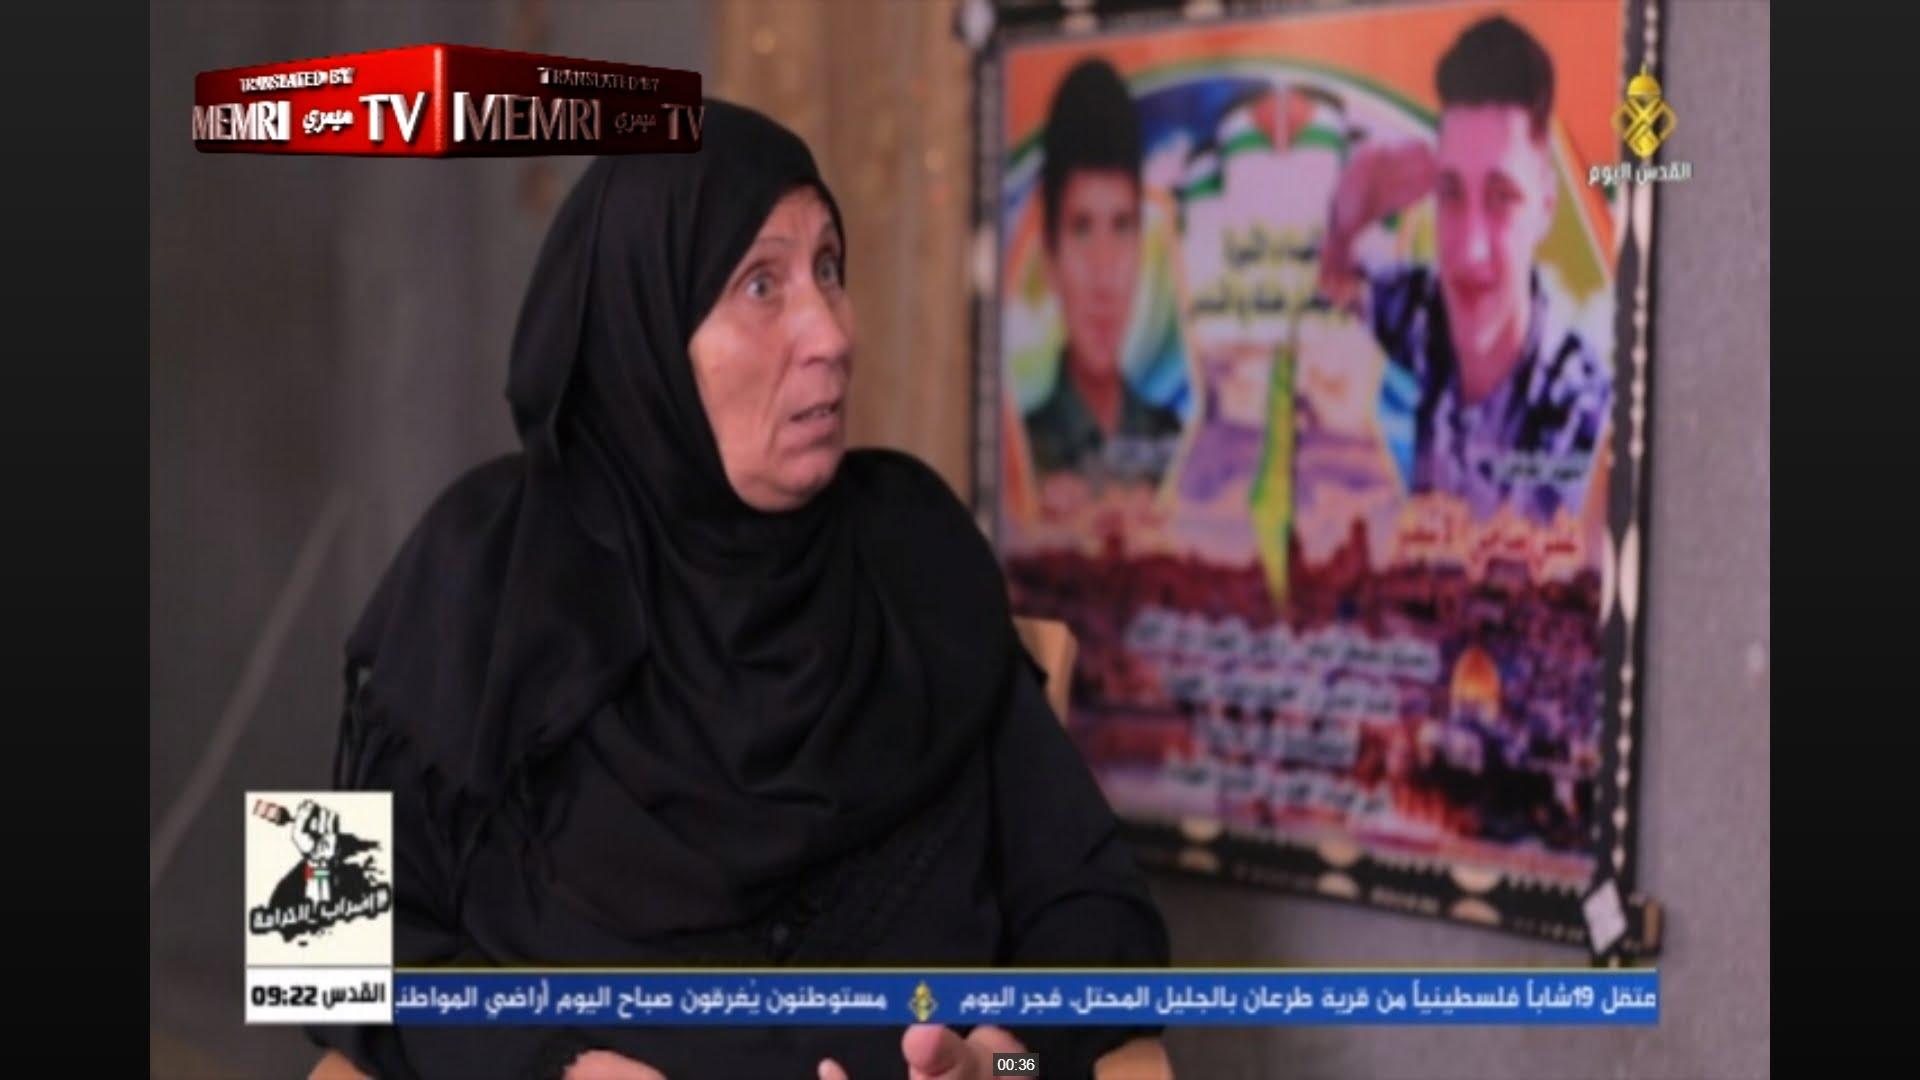 Chaque mère devrait encourager ses enfants au djihad